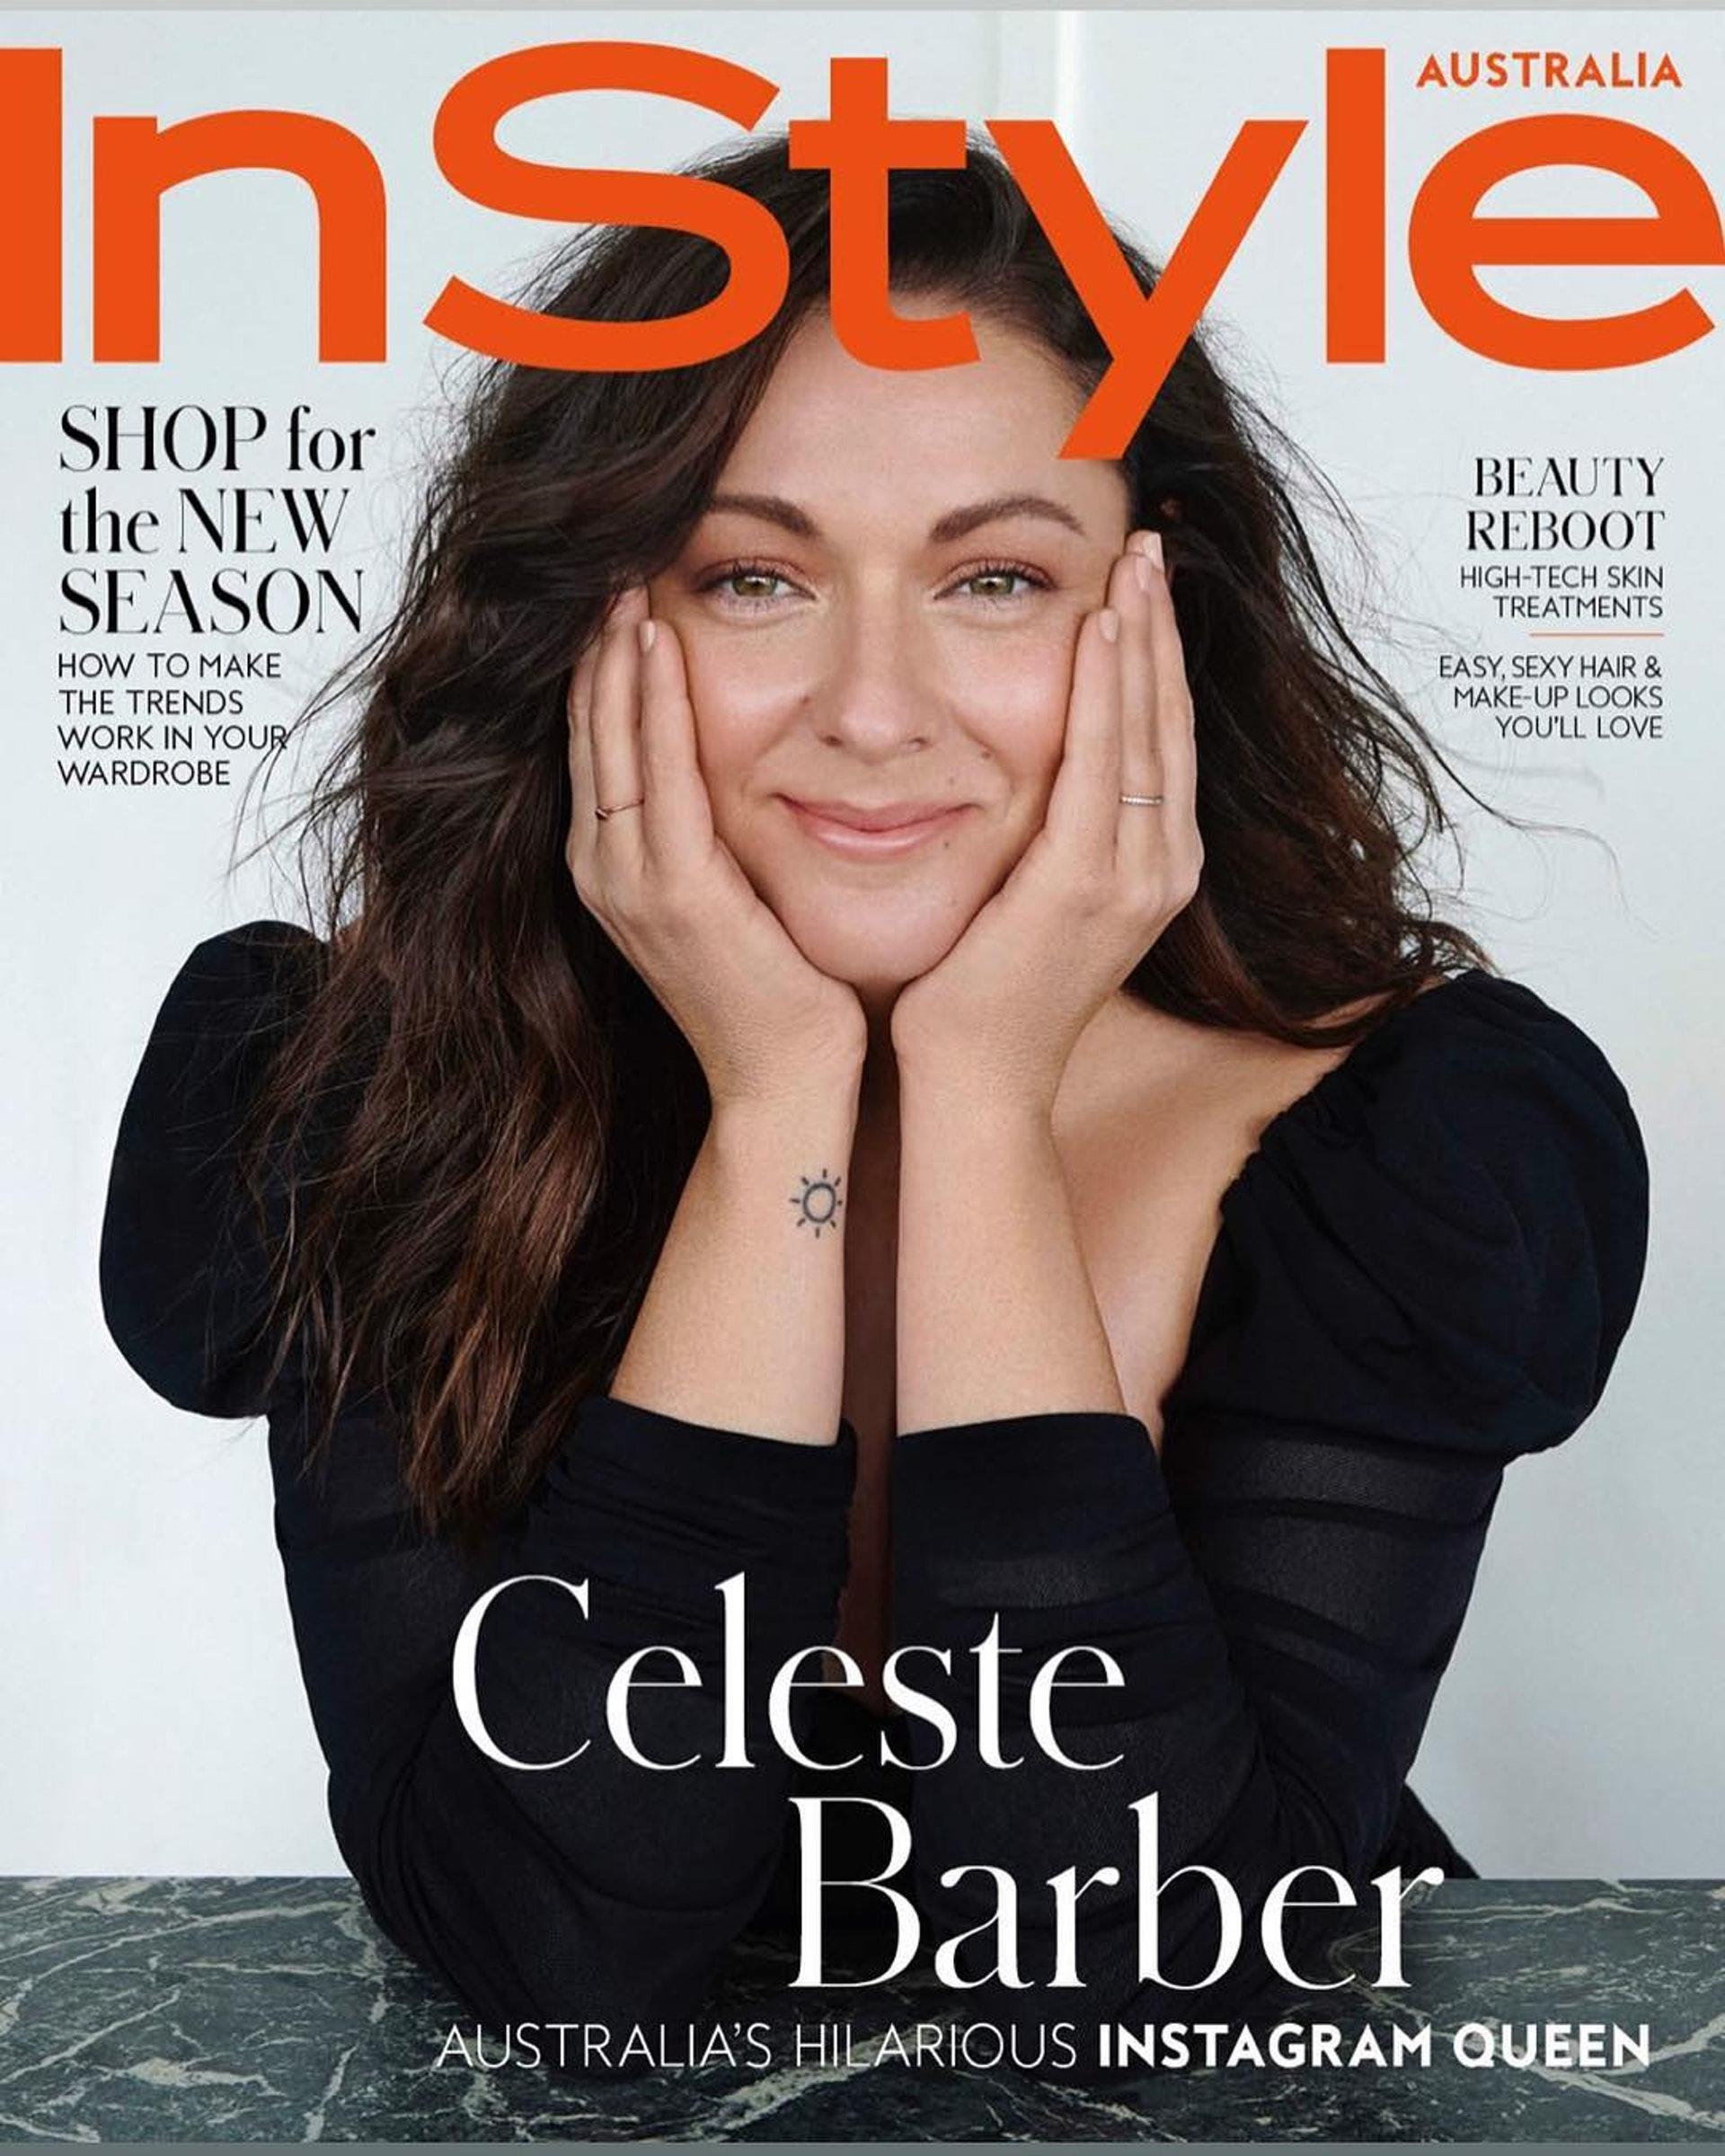 其實,不搞怪時的Celeste也非常美麗優雅。(IG圖片)